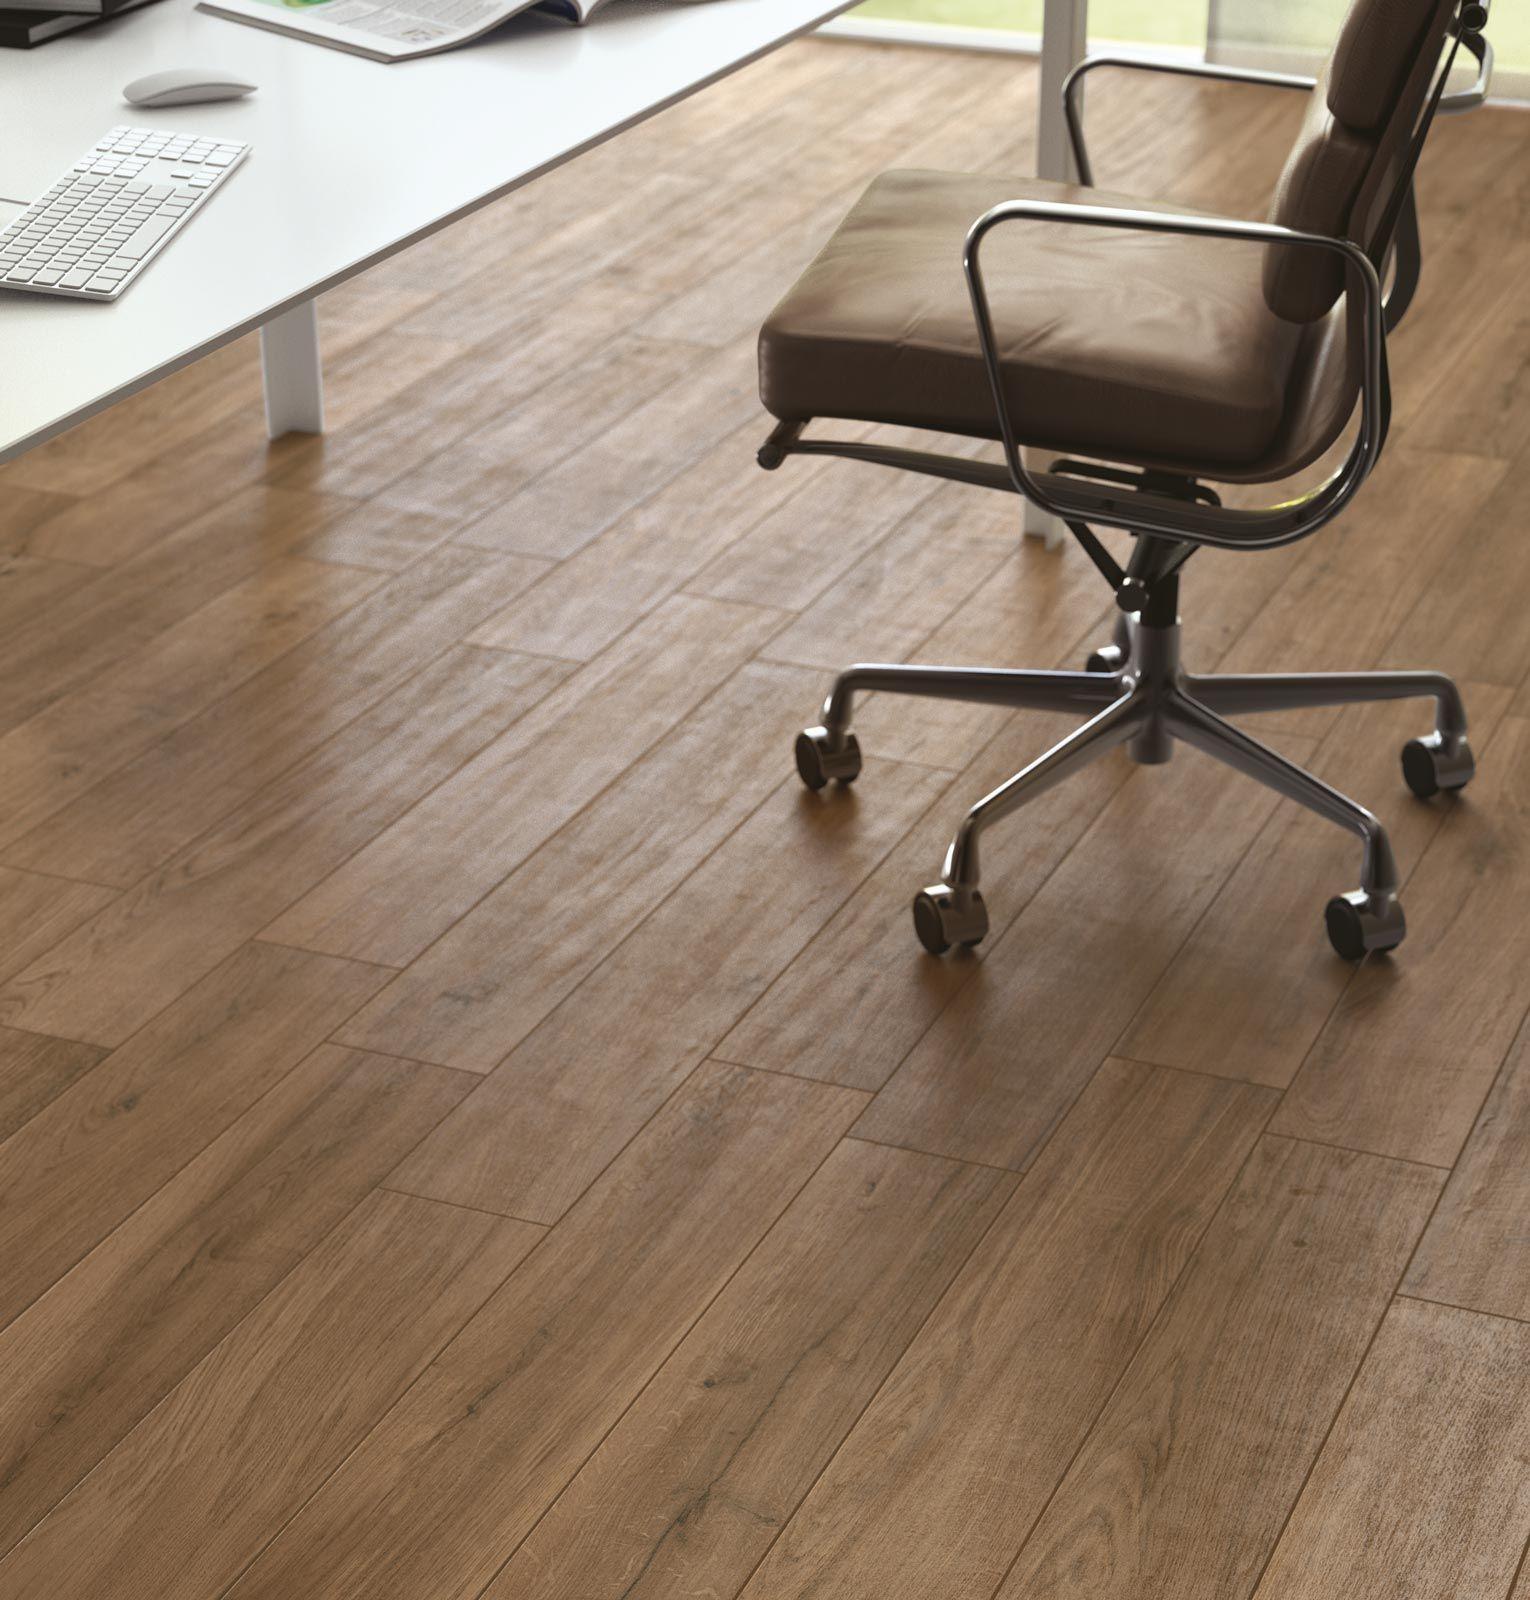 Ragno Gres Porcellanato Effetto Legno woodpassion - pavimenti in gres effetto legno ragno   idee